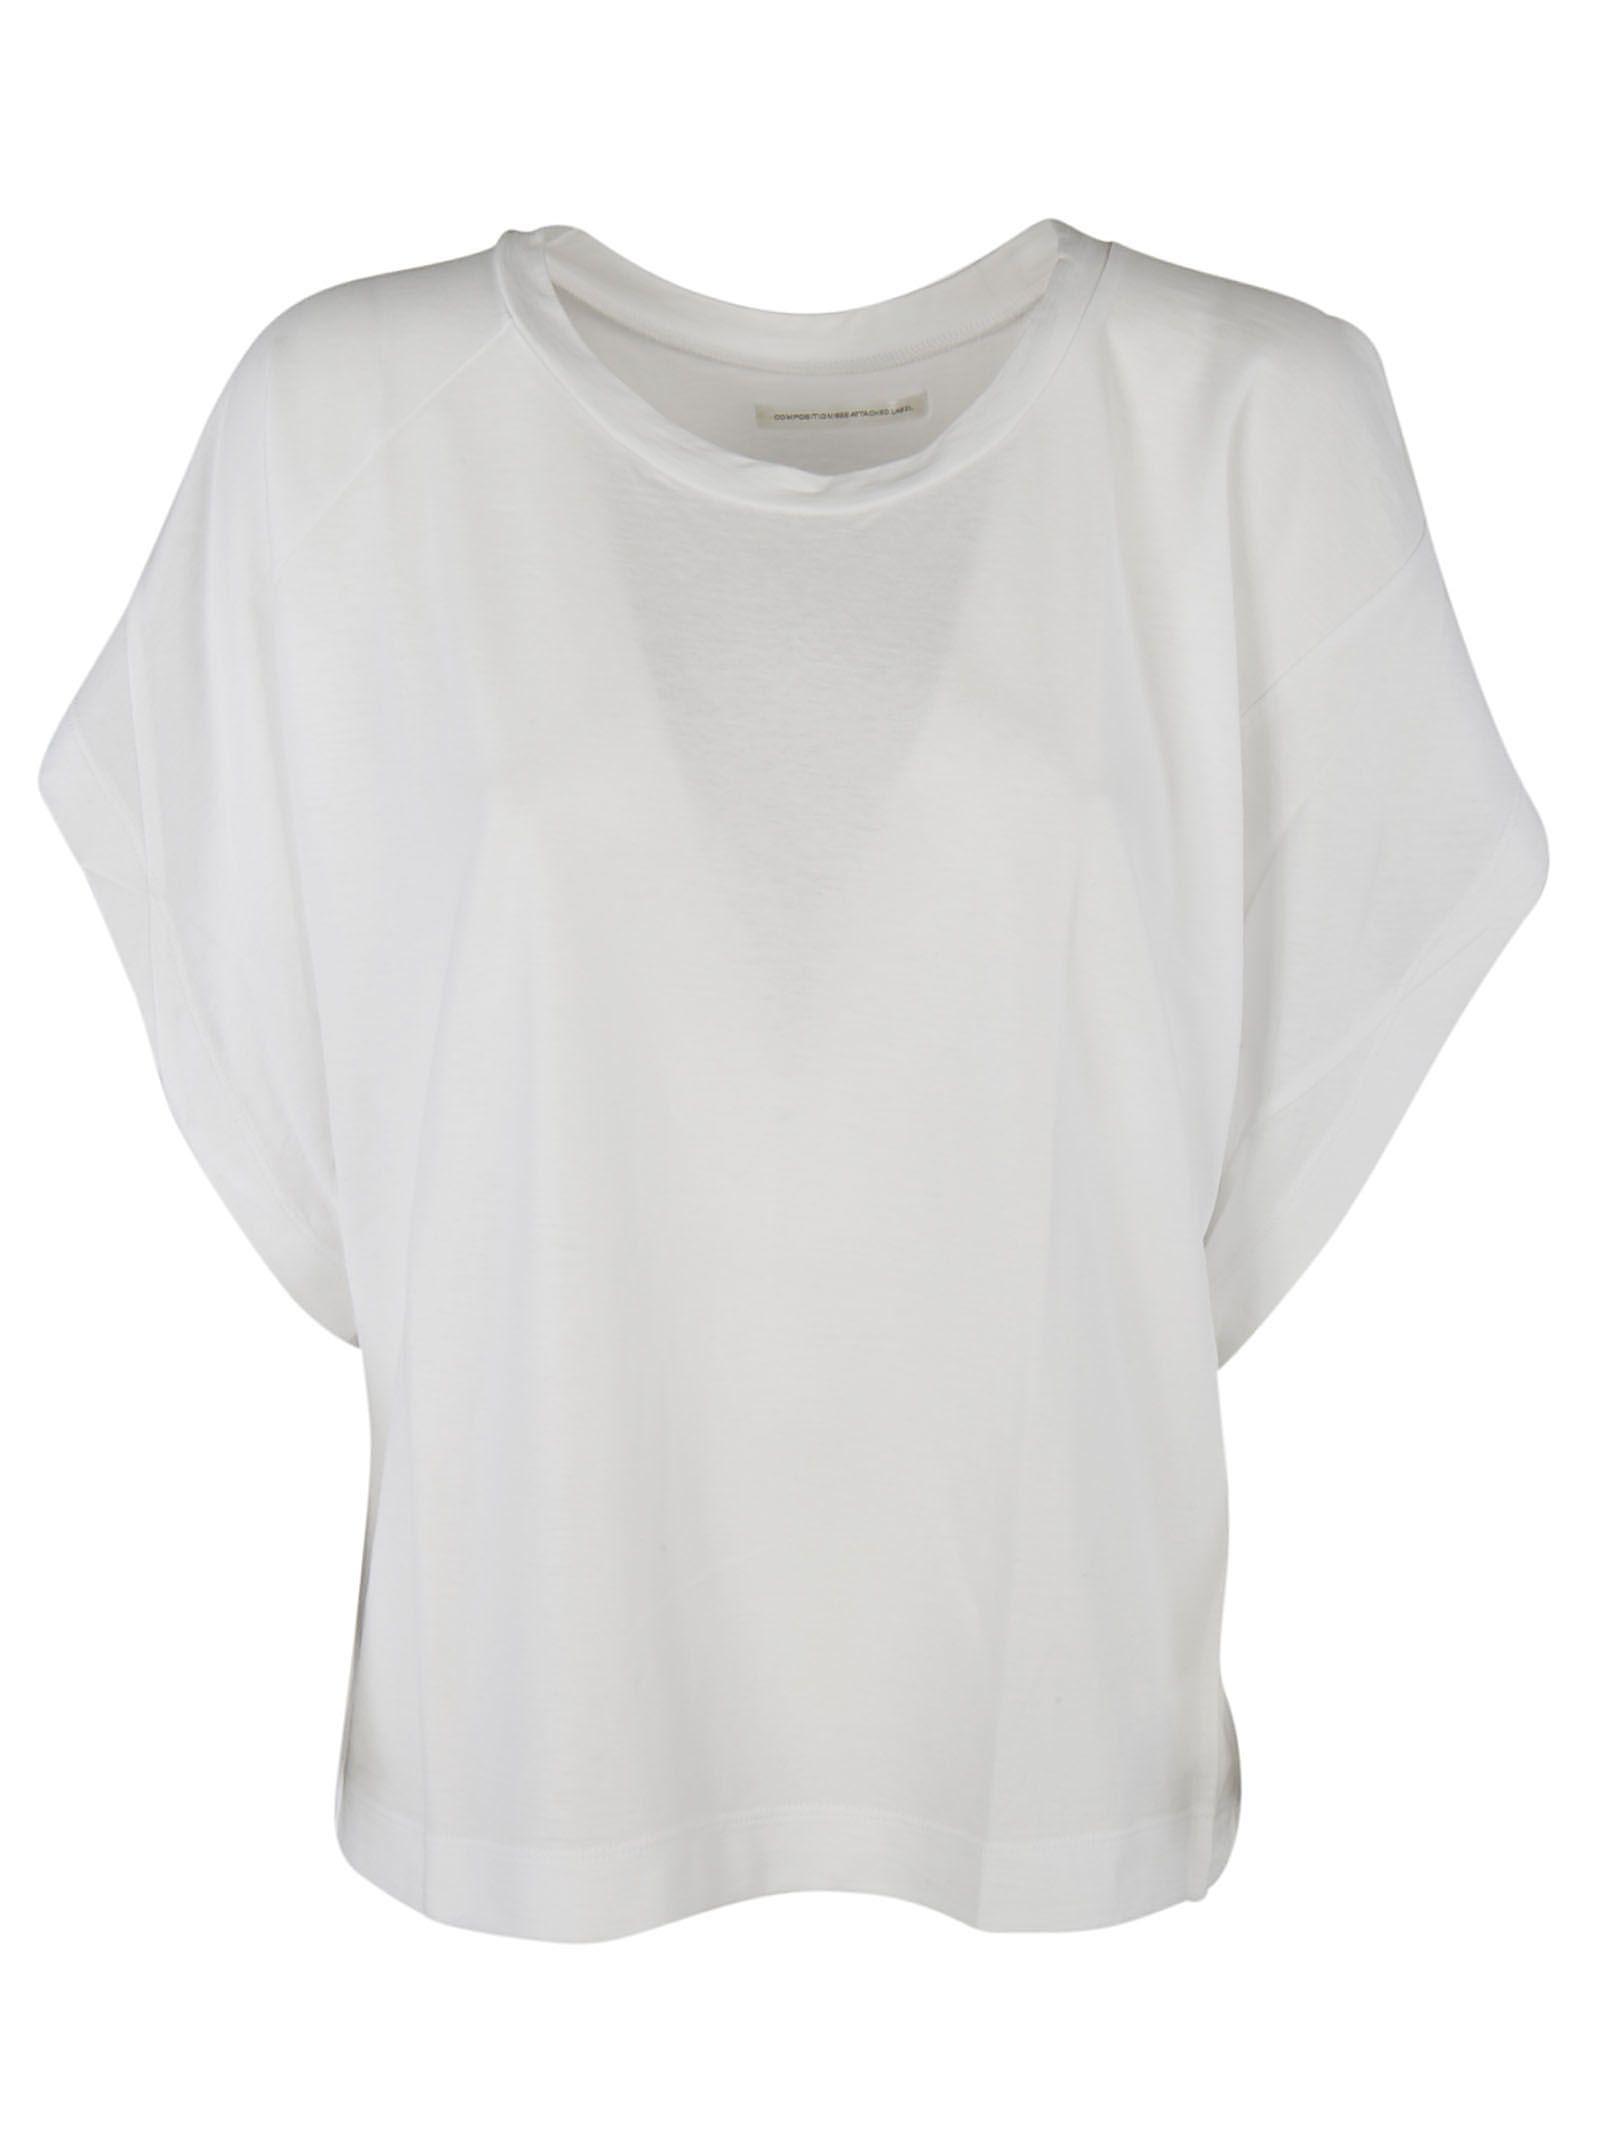 Yohji Yamamoto Draped T-shirt